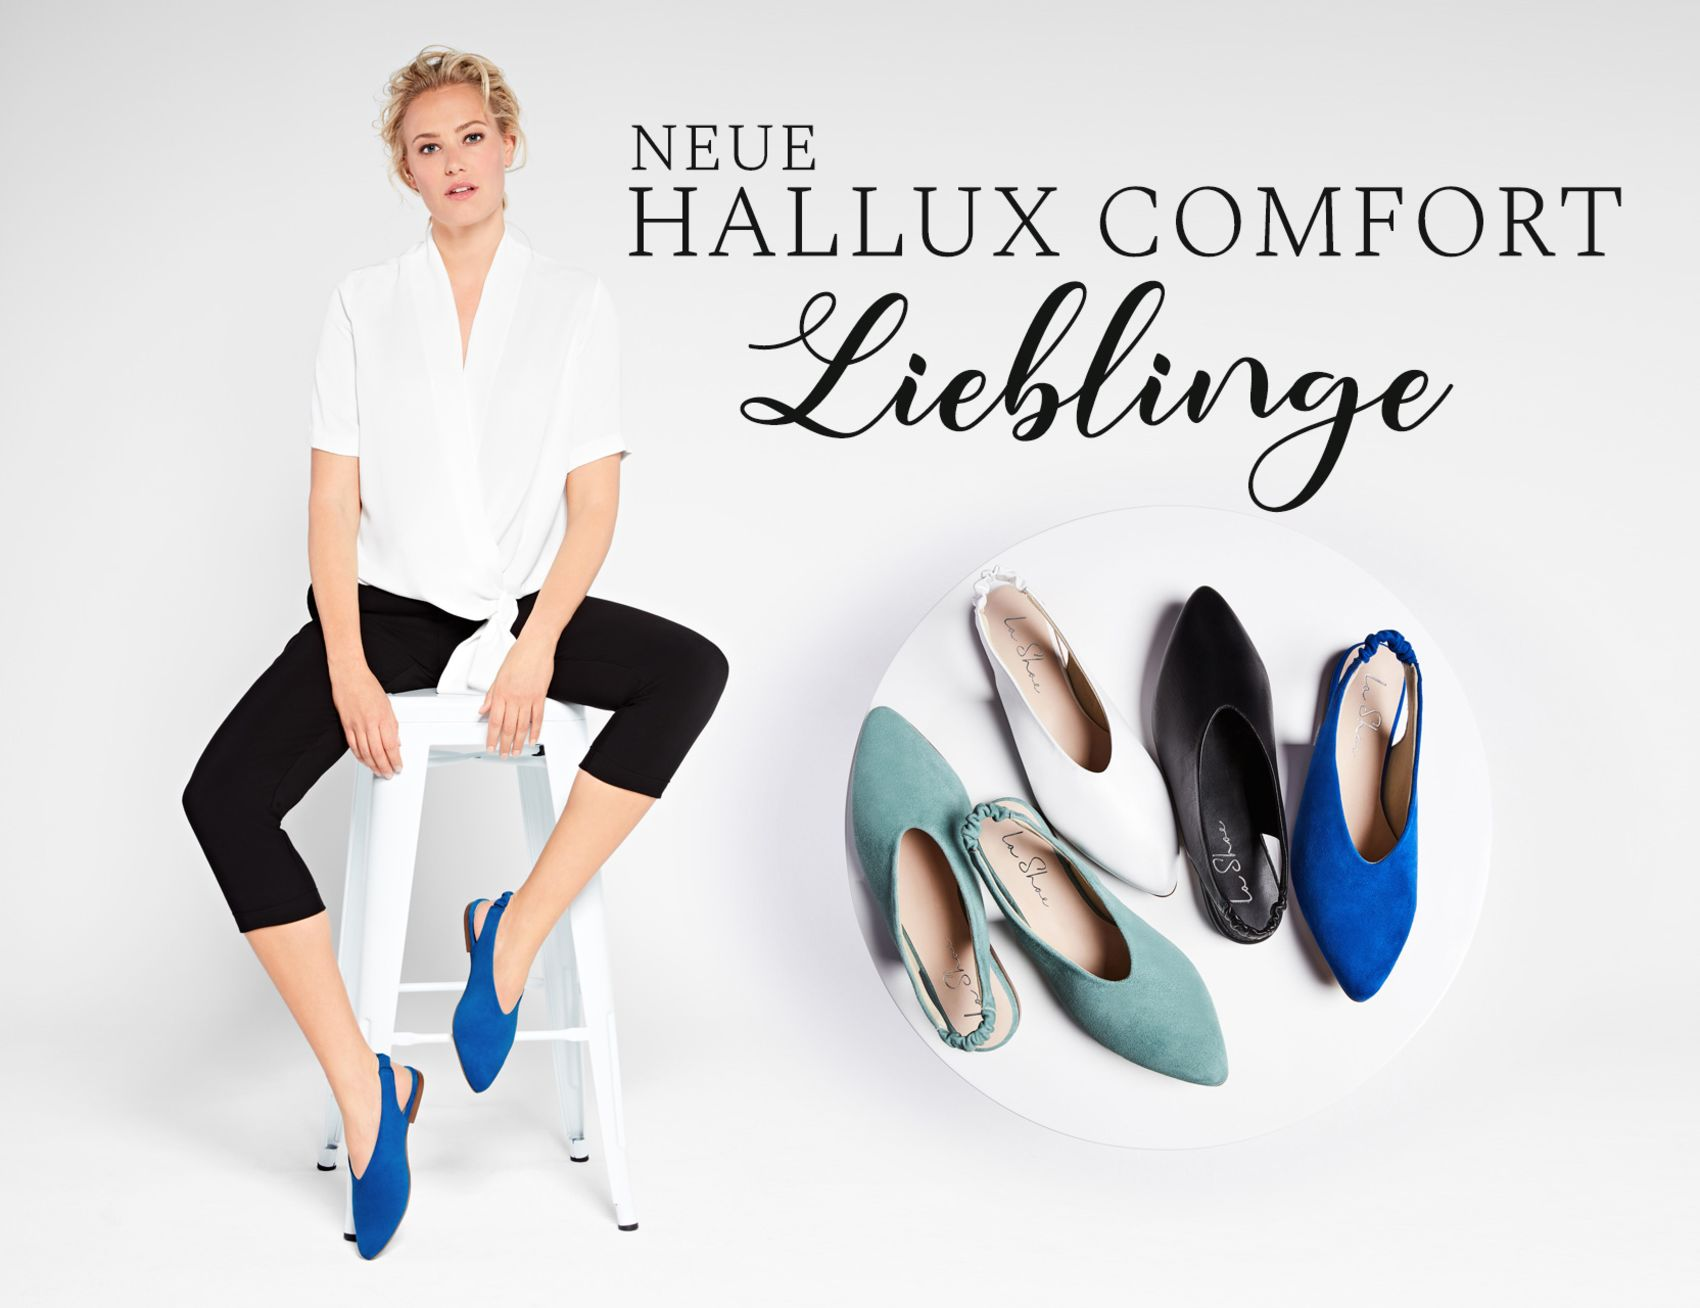 Entdecken Sie die bequemen Hallux Backsling Slipper von LaShoe